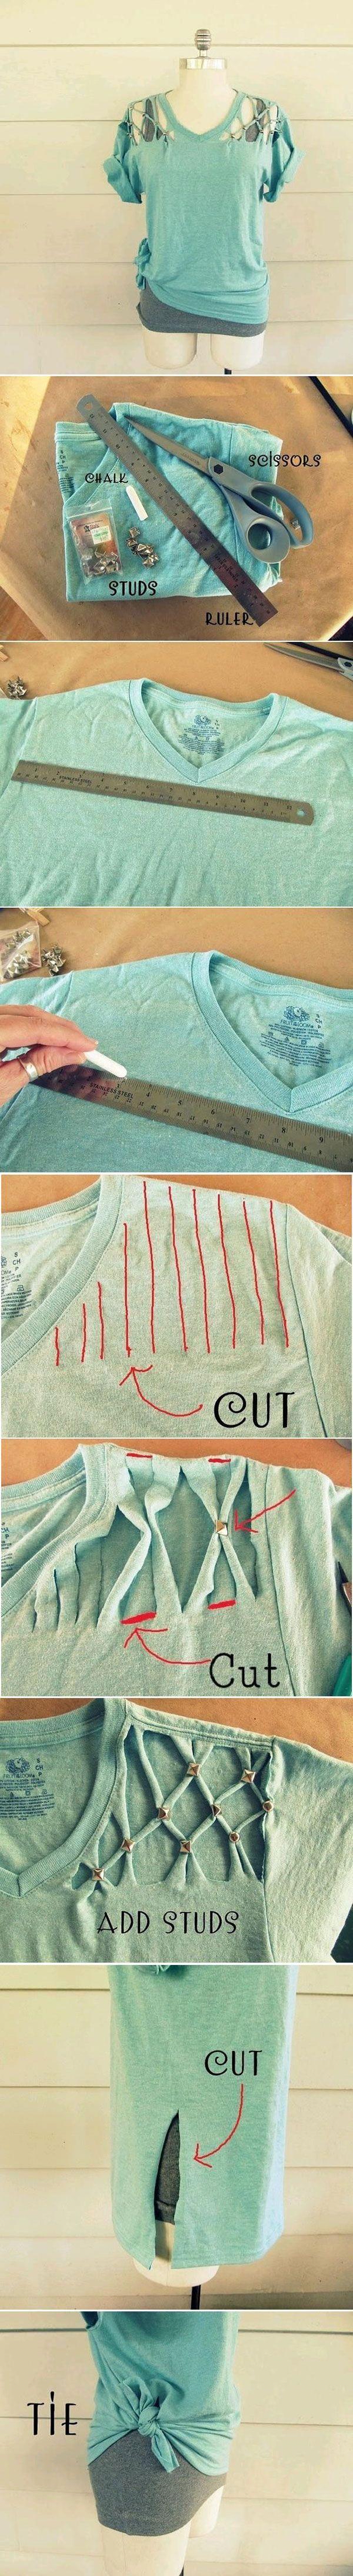 Existen muchas maneras de reciclar nuestras camisetas para usarlas este verano. Aquí os enseñamos como hacerlo, casi todo sin tener que coser. Pero este ve